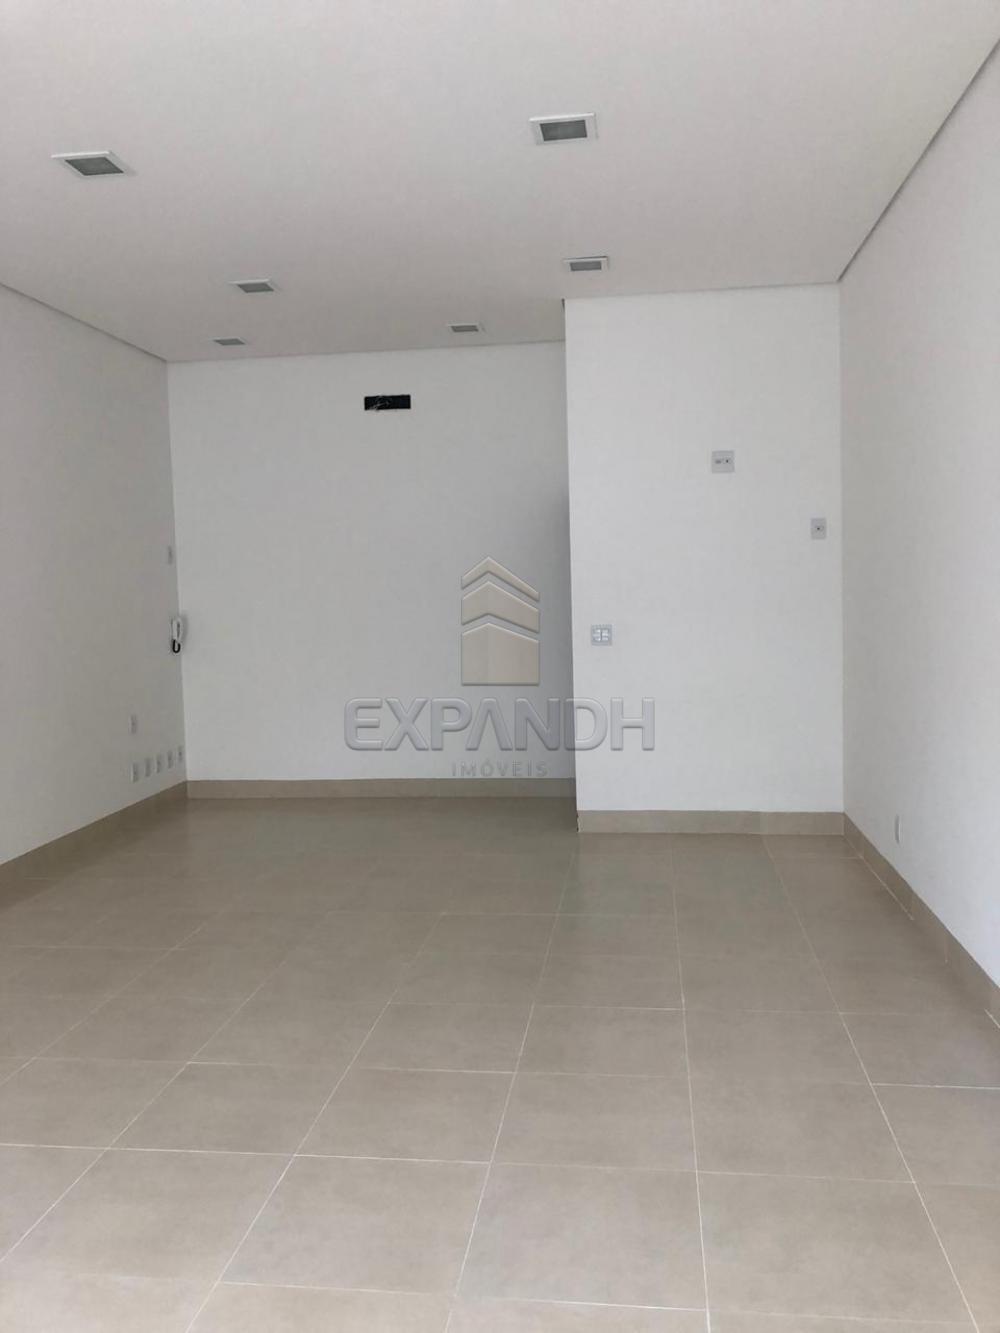 Alugar Comerciais / Sala em Sertãozinho apenas R$ 1.600,00 - Foto 2